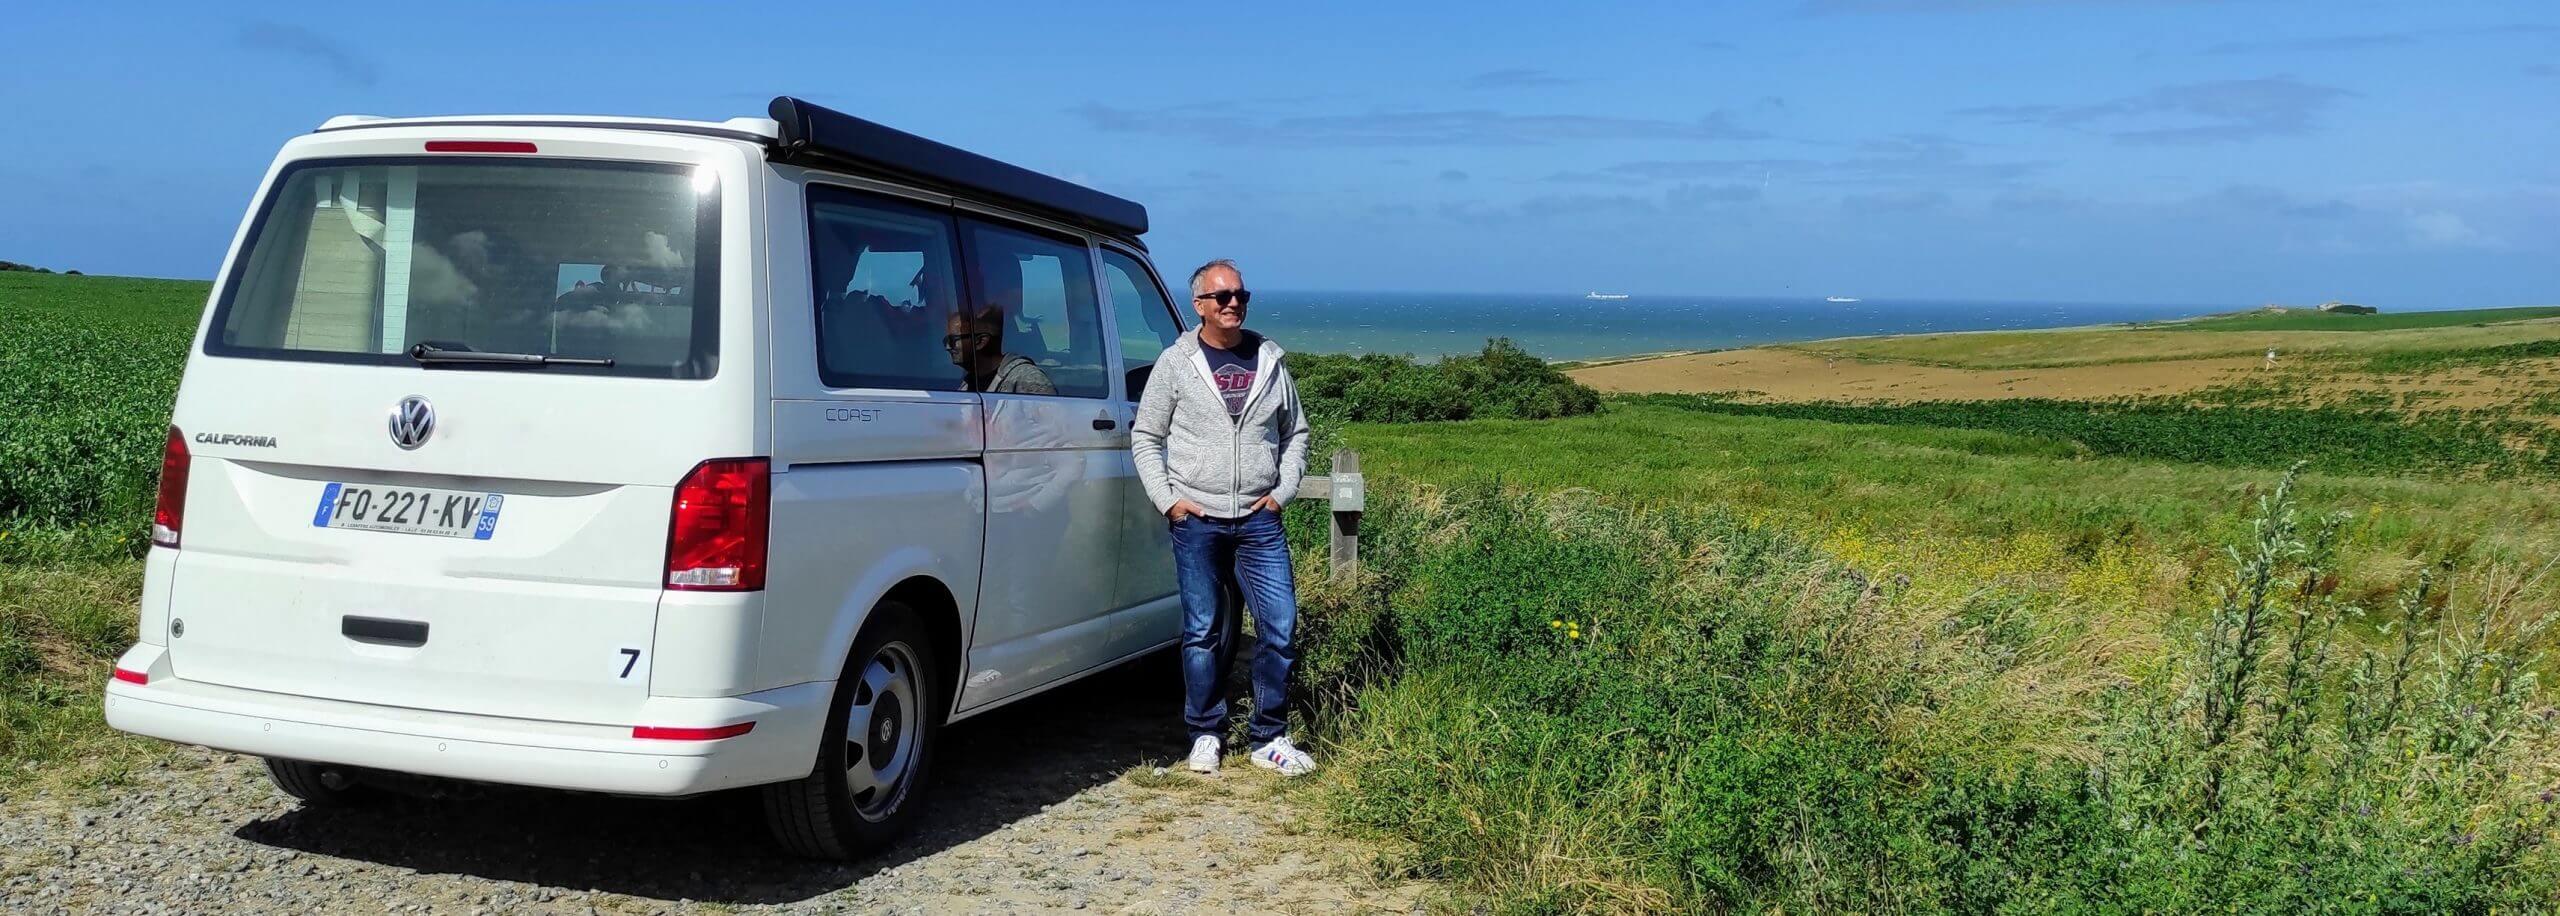 Notre histoire : Christophe à côté d'un van aménagé face à la mer.